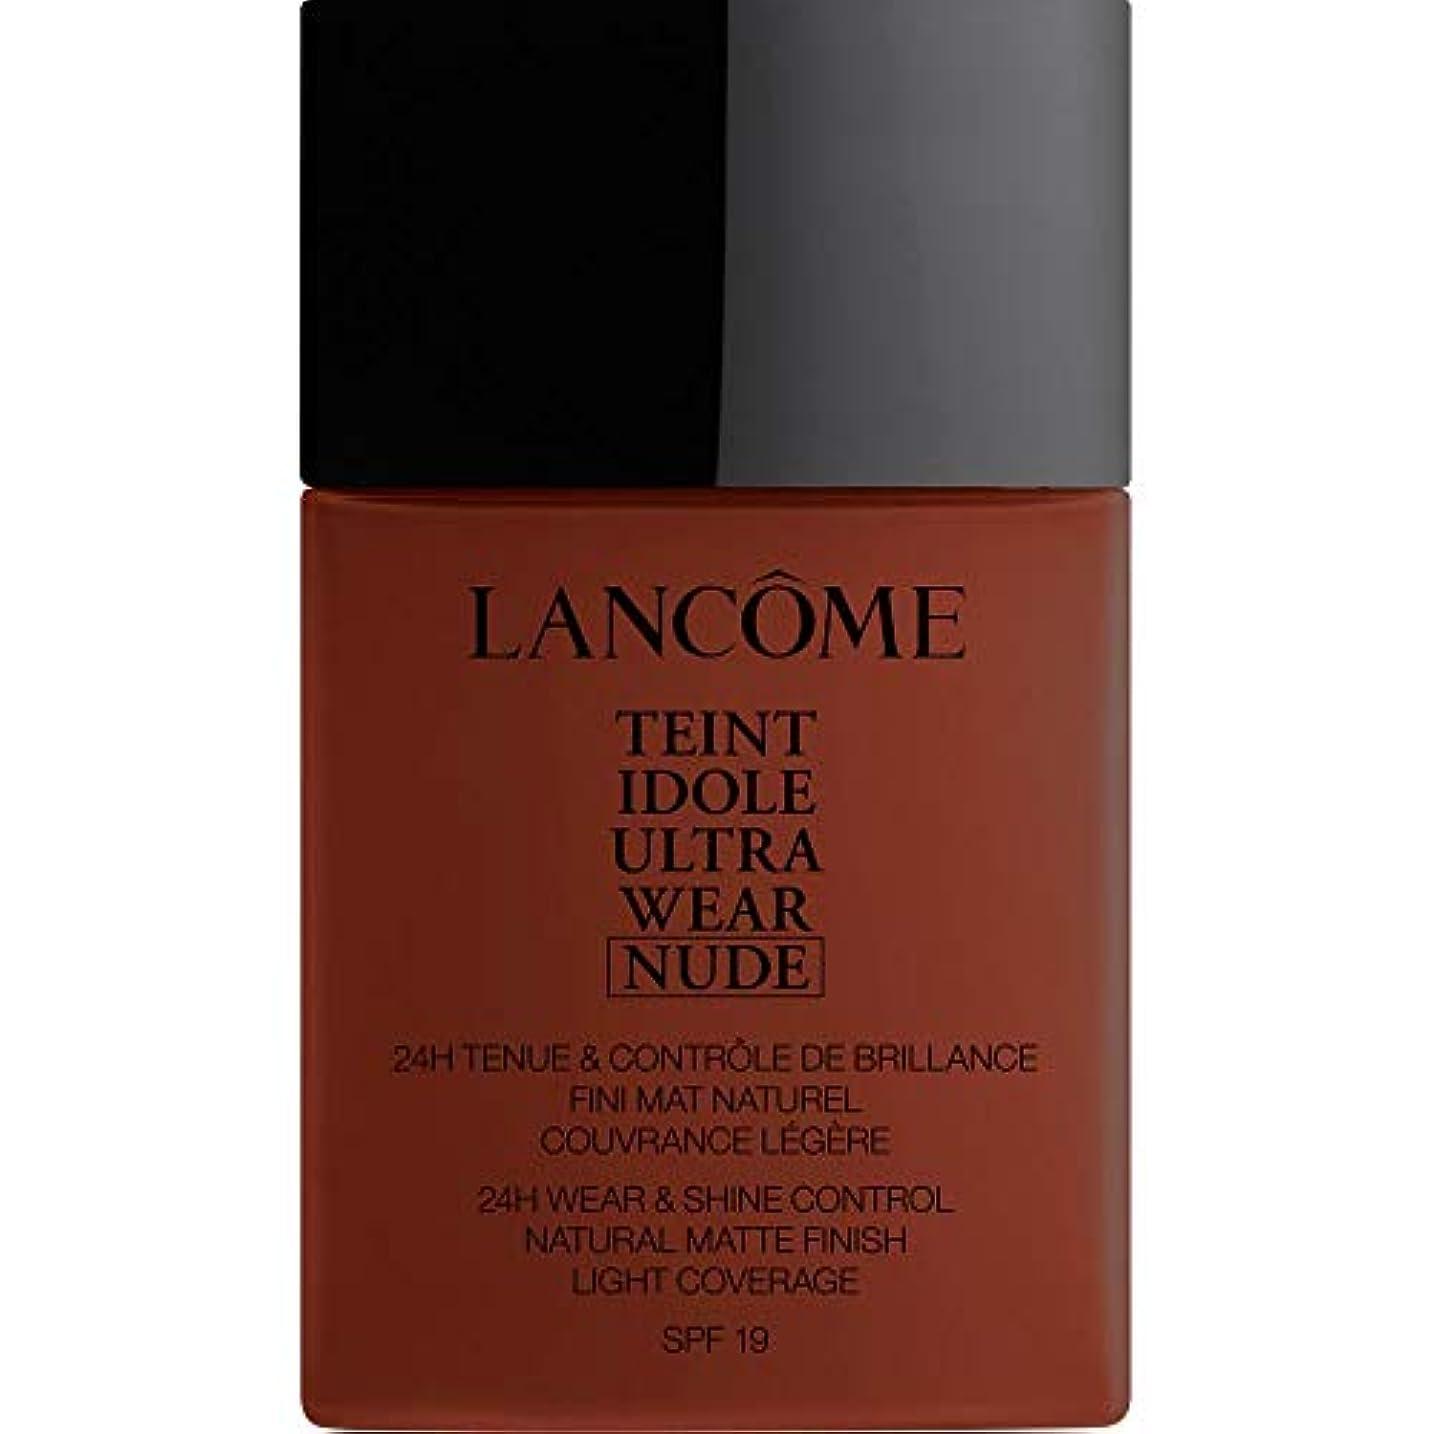 放つ予想する証明[Lanc?me ] ランコムTeintのIdole超摩耗ヌード財団Spf19の40ミリリットル16 - カフェ - Lancome Teint Idole Ultra Wear Nude Foundation SPF19...